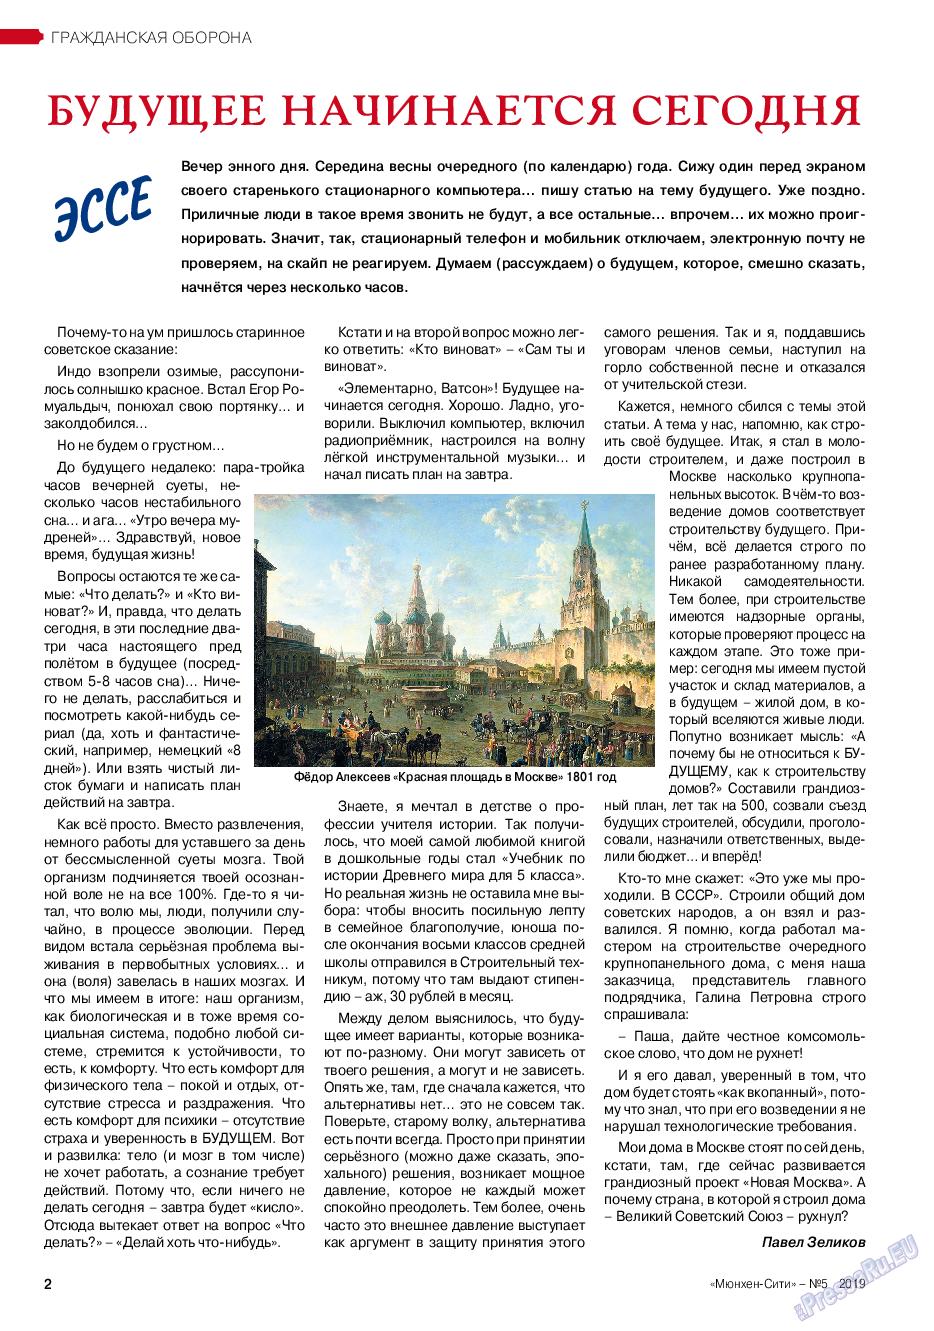 Мюнхен-сити (журнал). 2019 год, номер 93, стр. 2